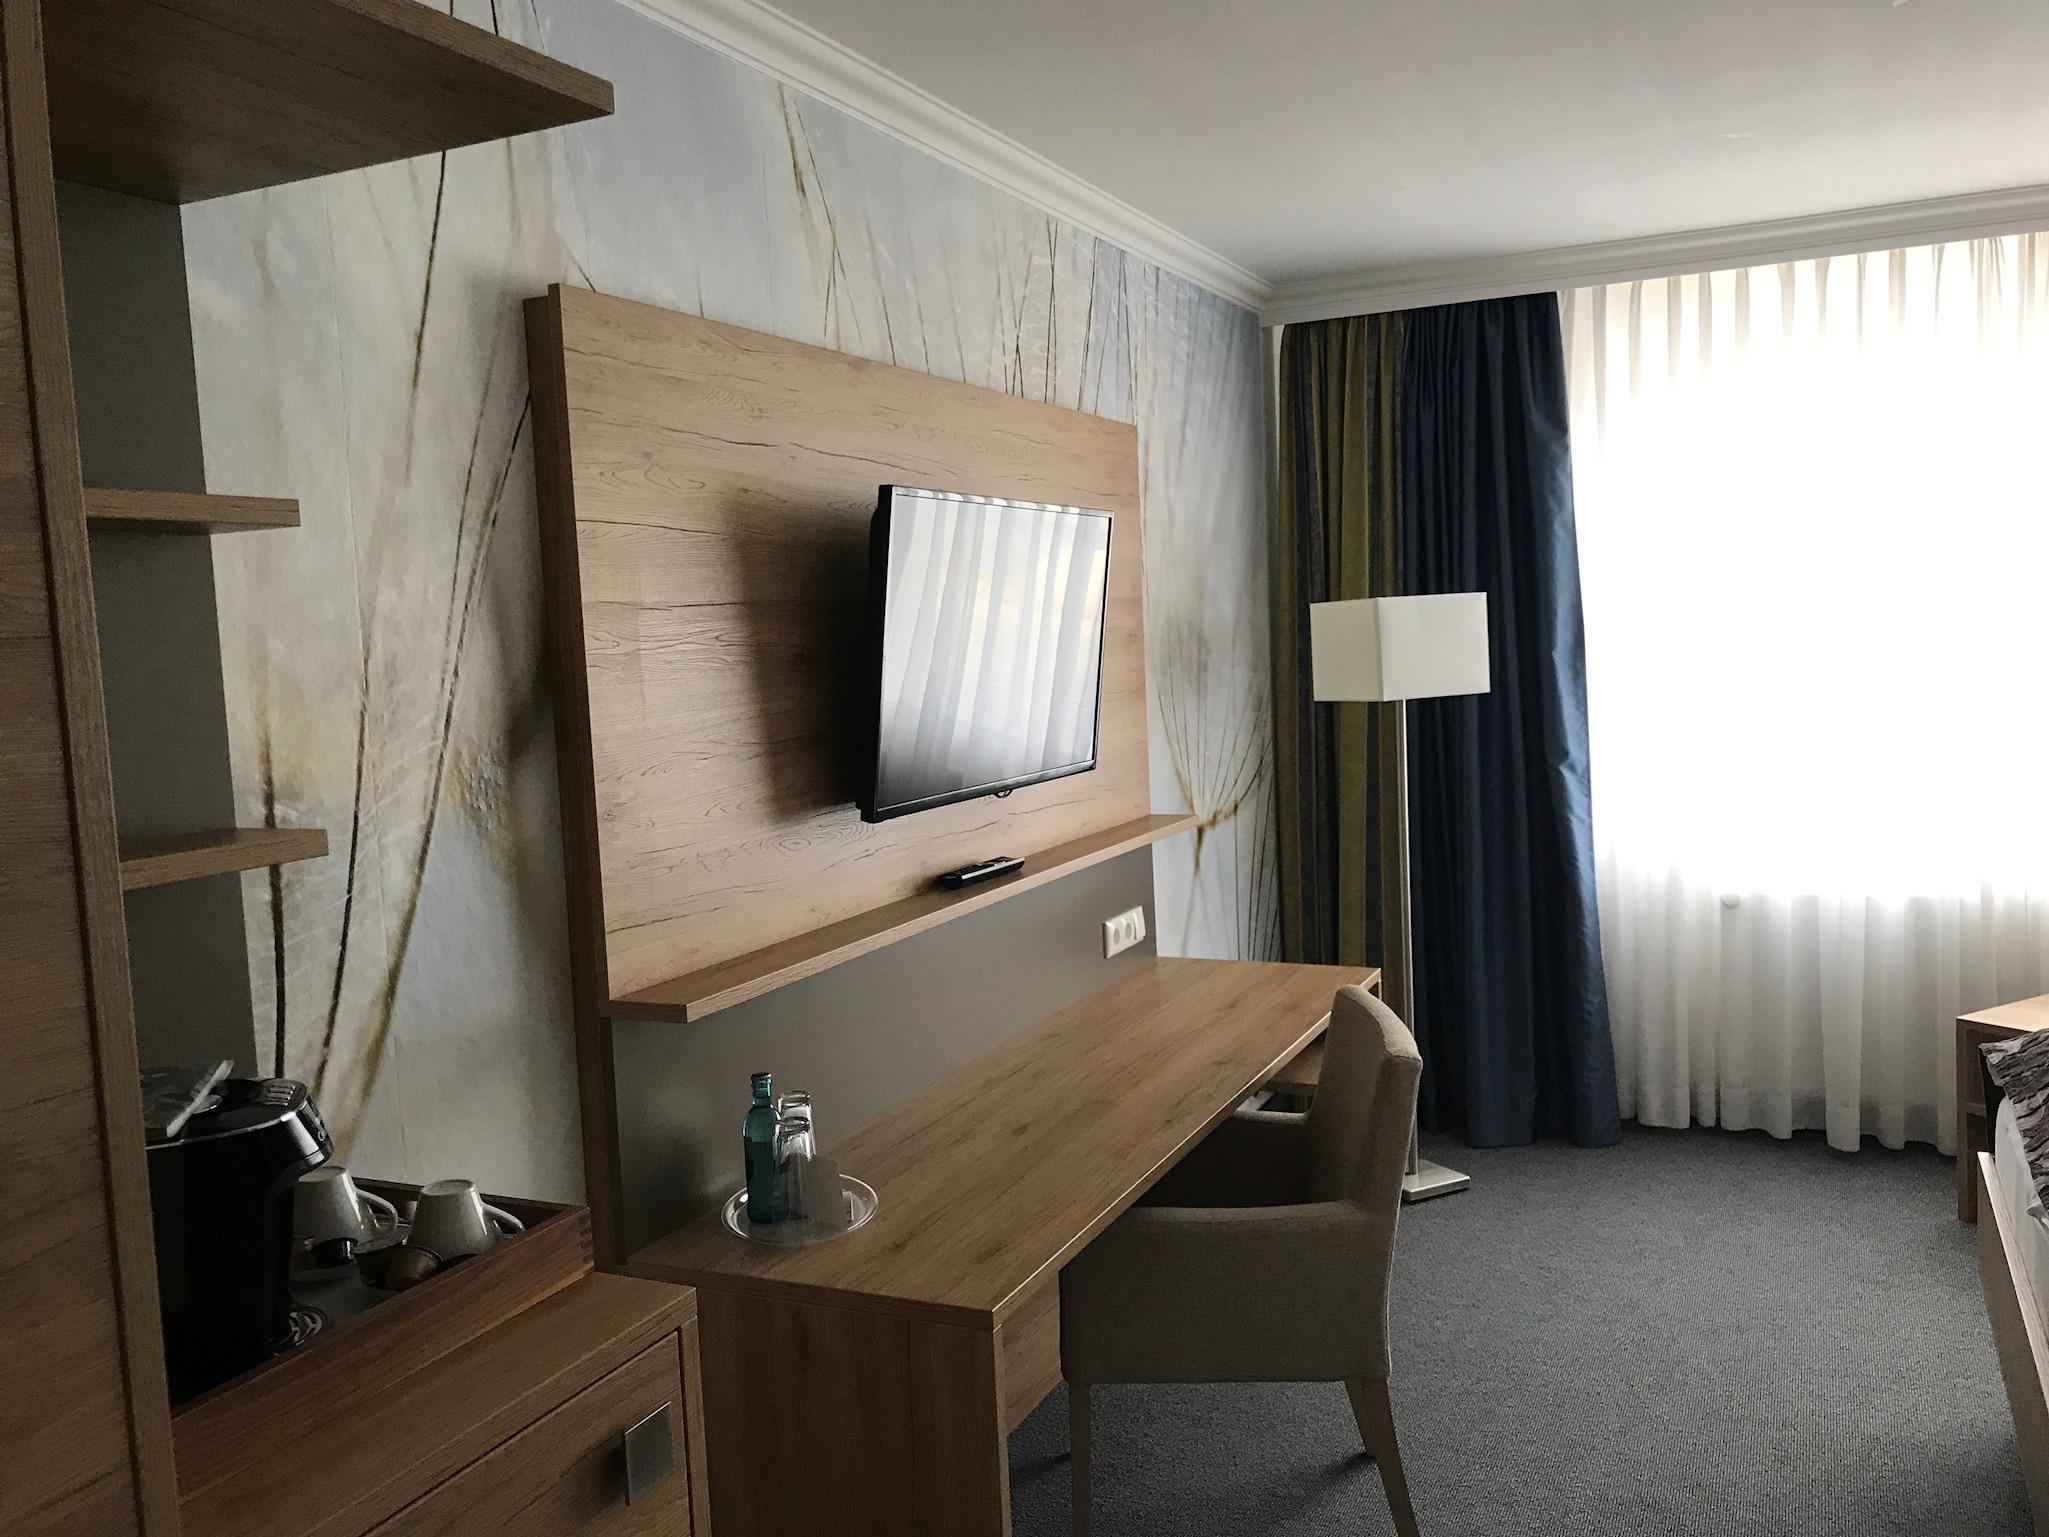 Blick vom Eingang: 2 Meter Schreibtisch & neuer großer Fernseher